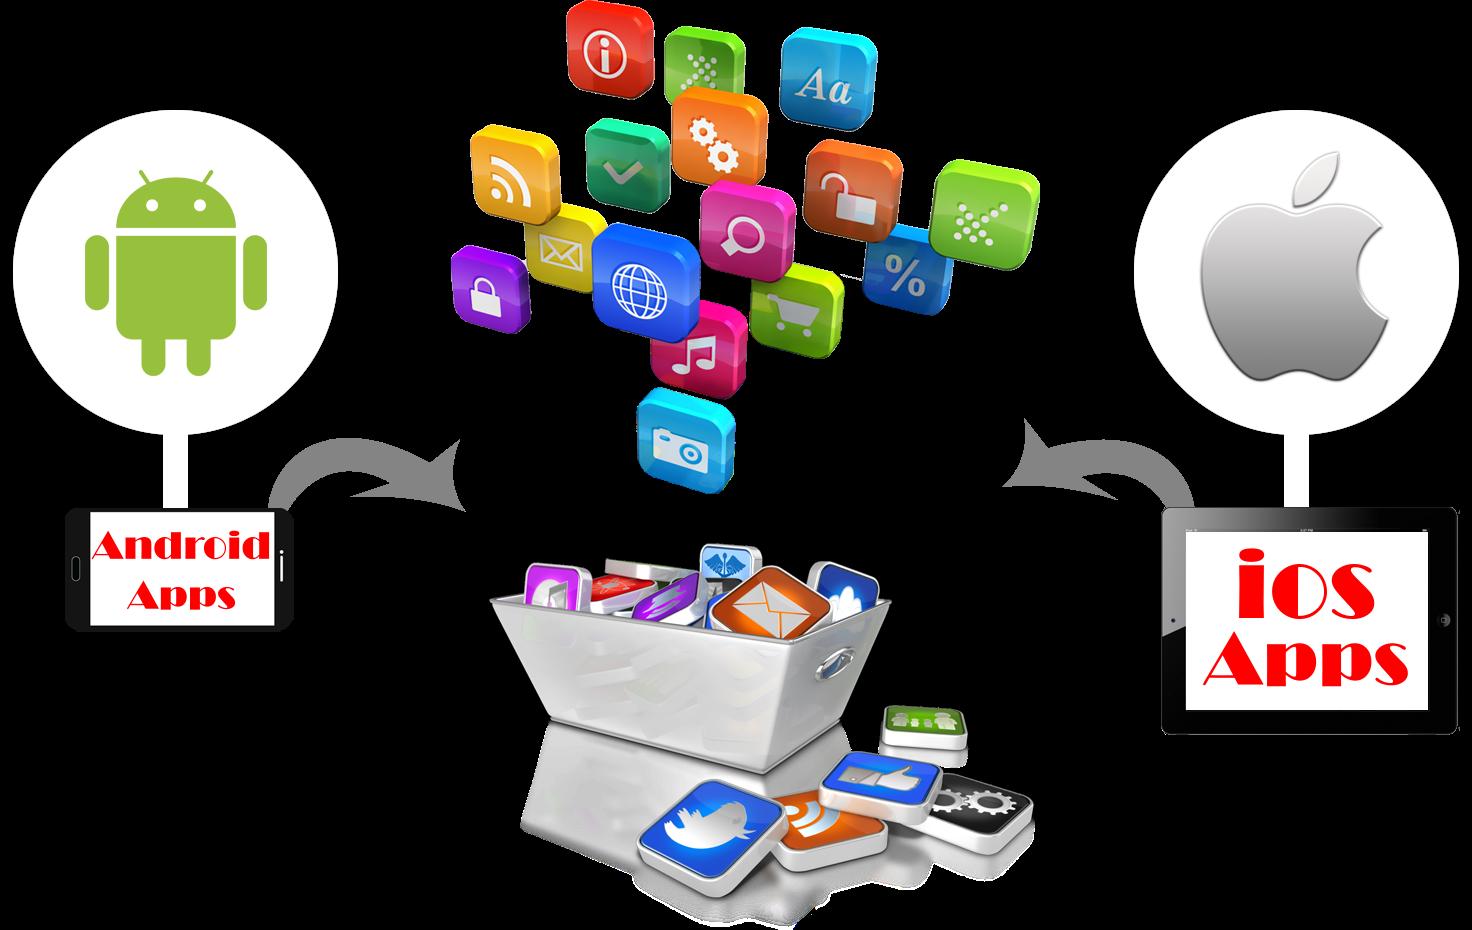 Nhận làm app IOS chuyên nghiệp uy tín tại tp hcm